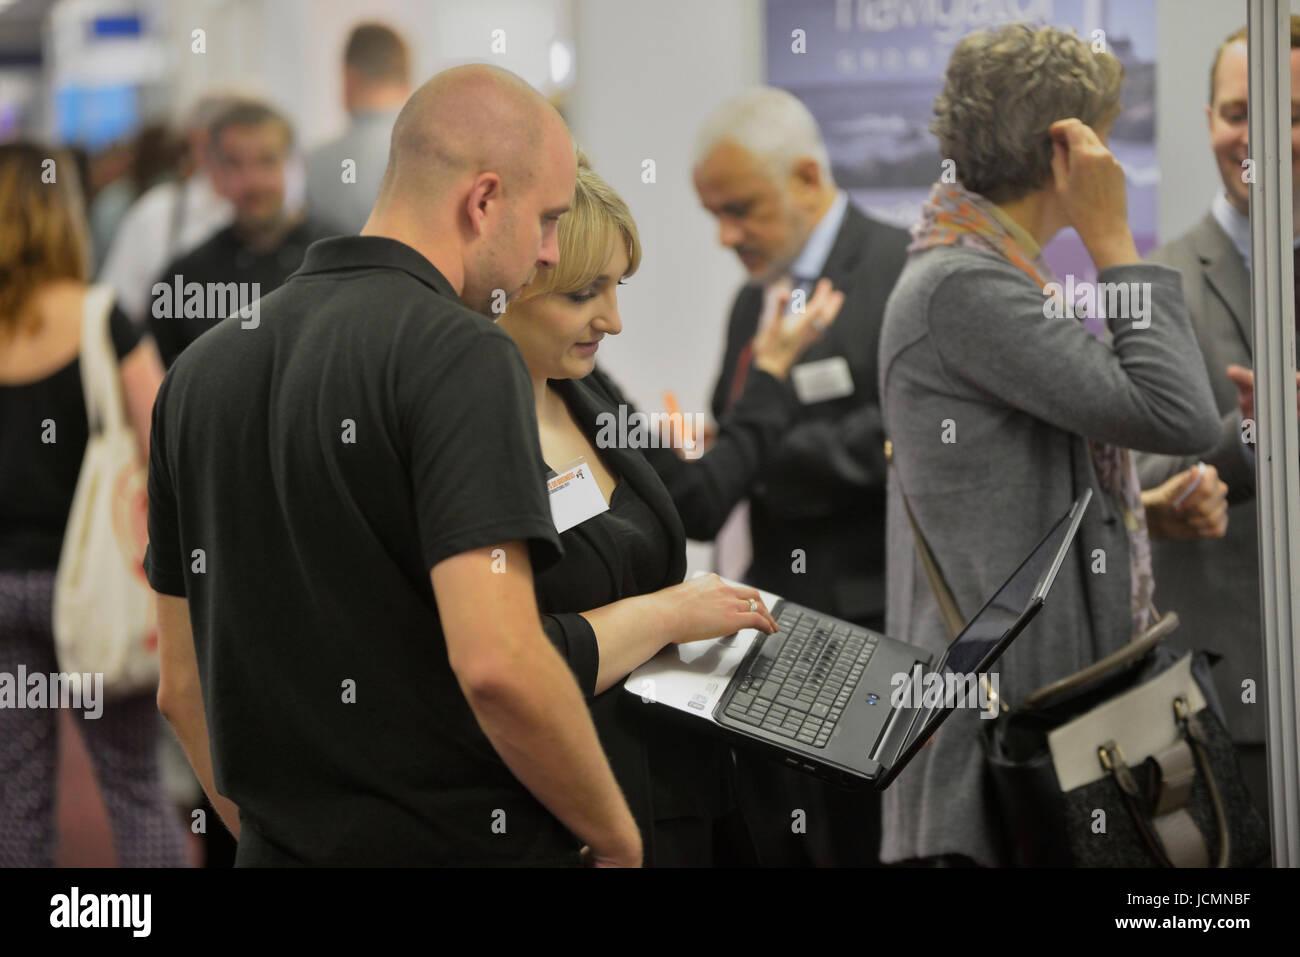 Les gens d'affaires à l'aide d'un ordinateur portable à une conférence d'affaires. Photo Stock